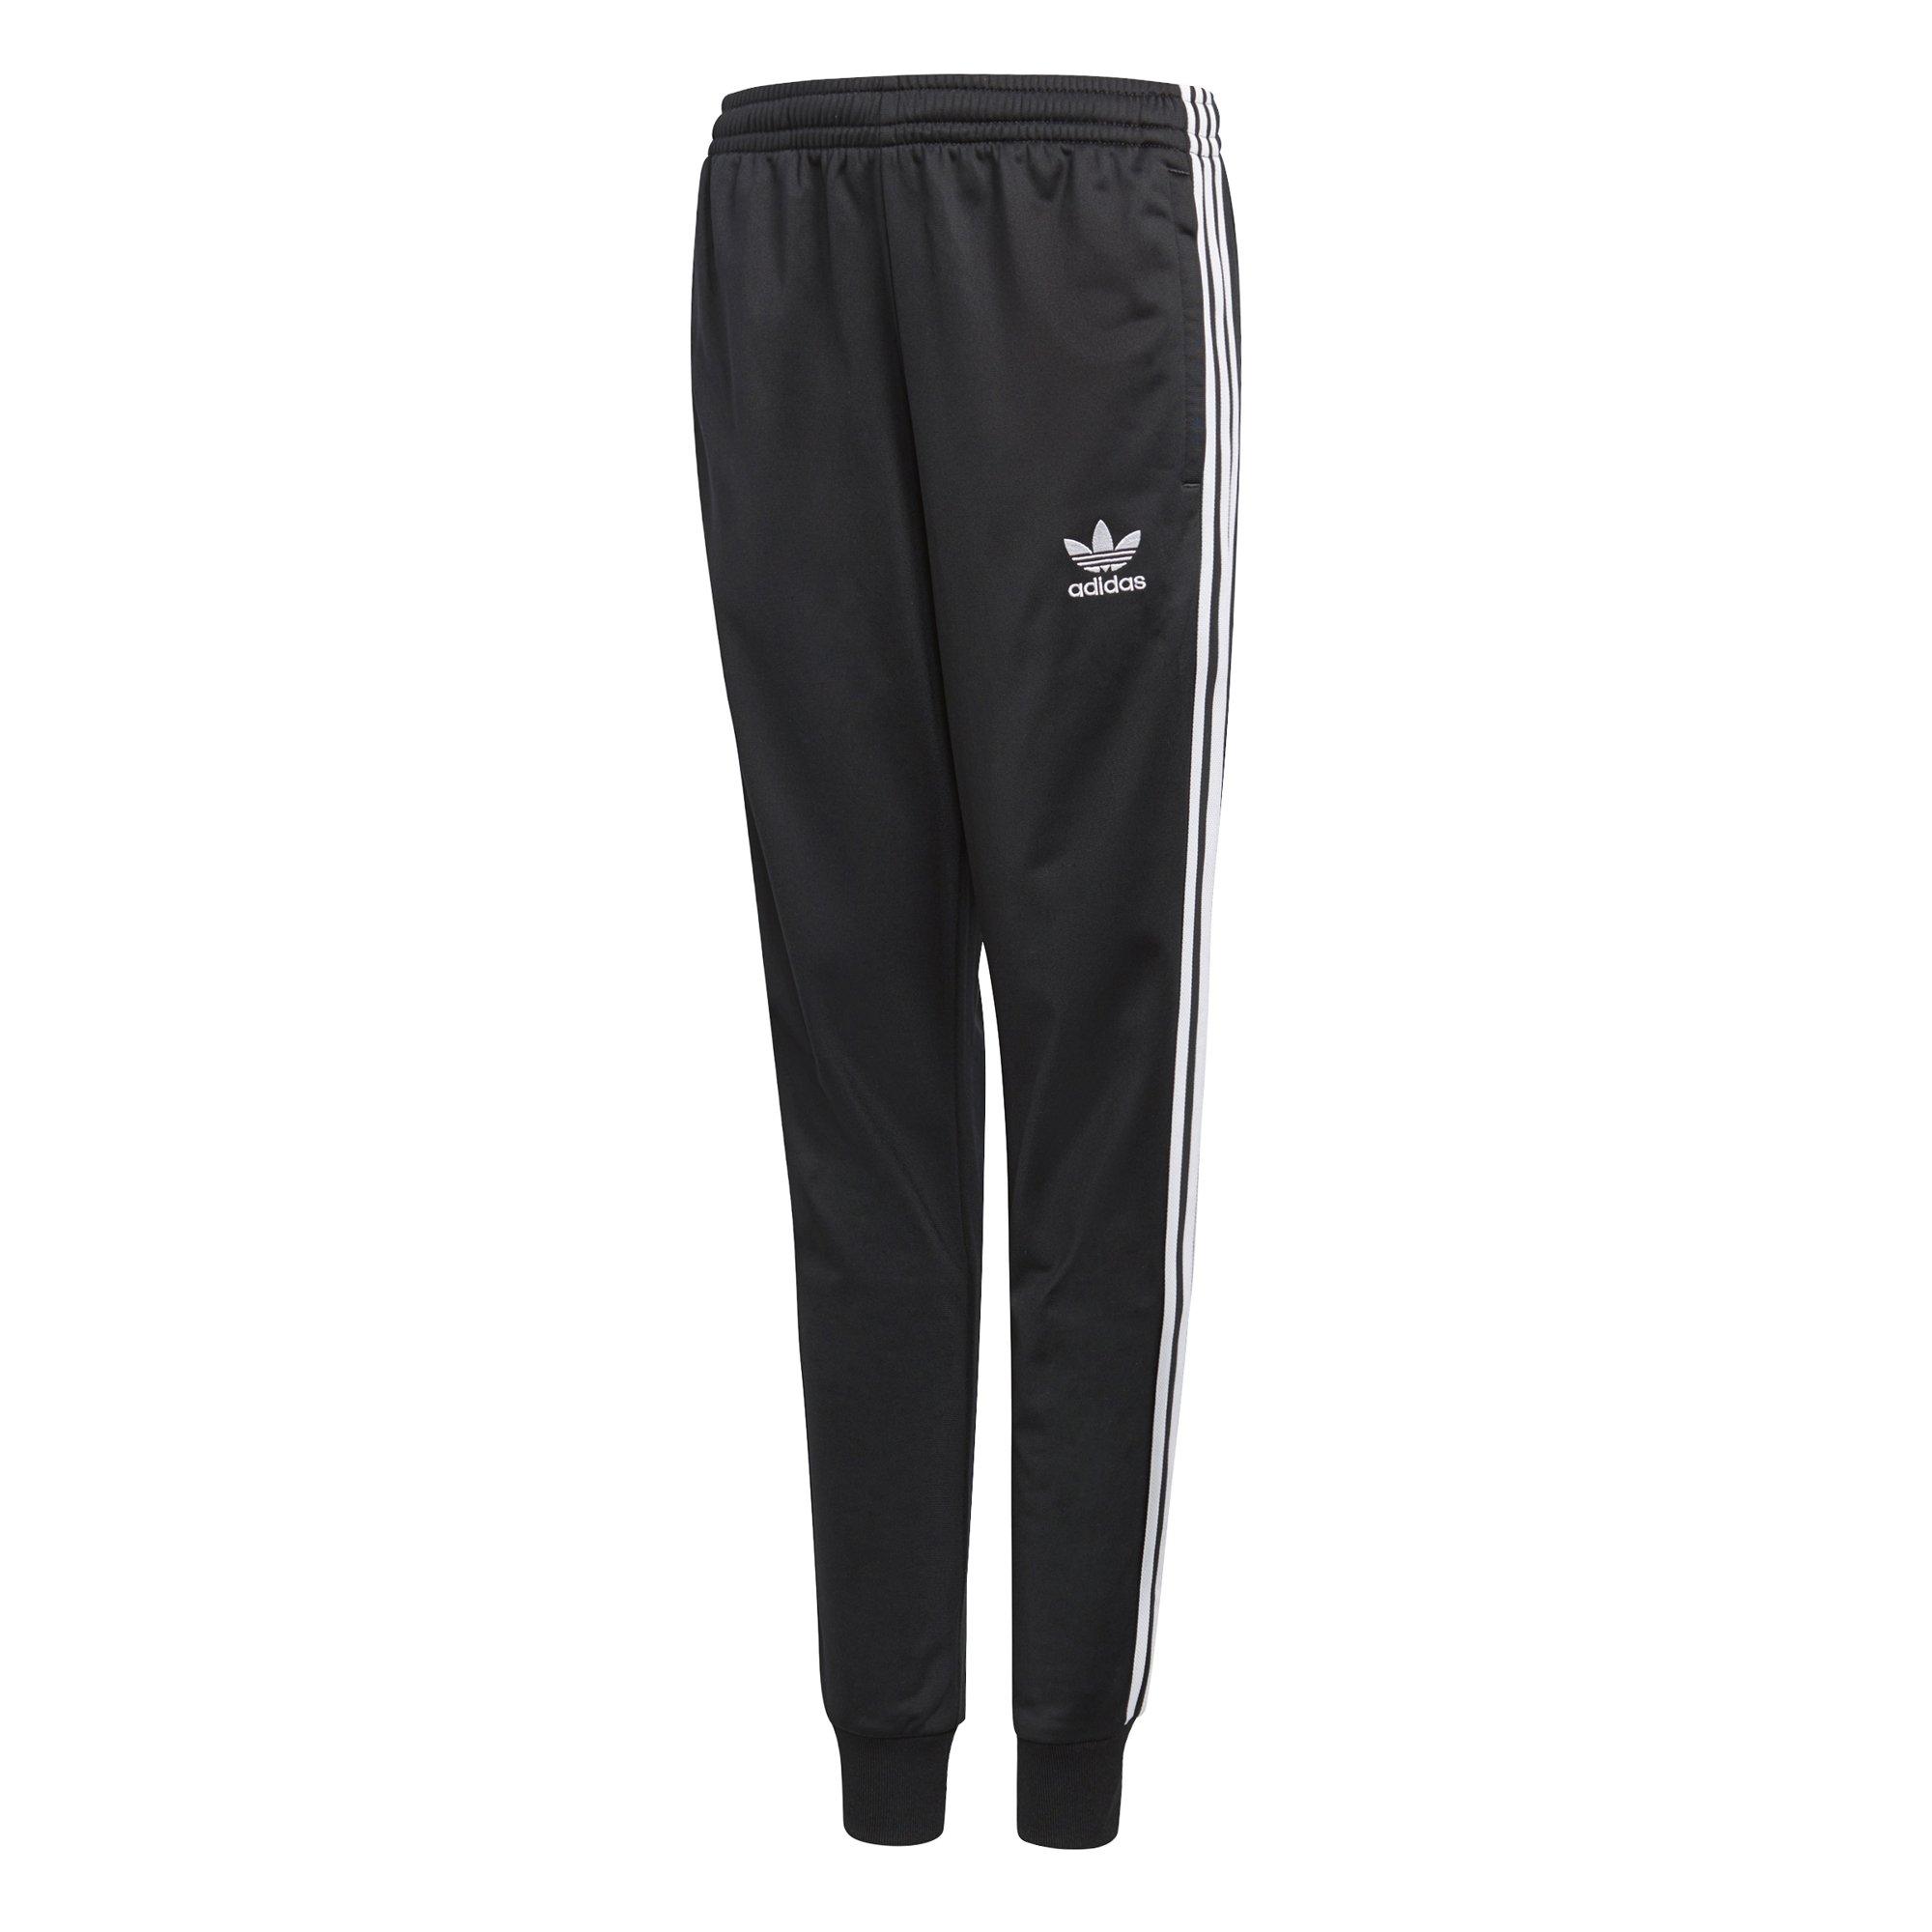 adidas Originals Big Boys' Originals Superstar Pants, Black, L